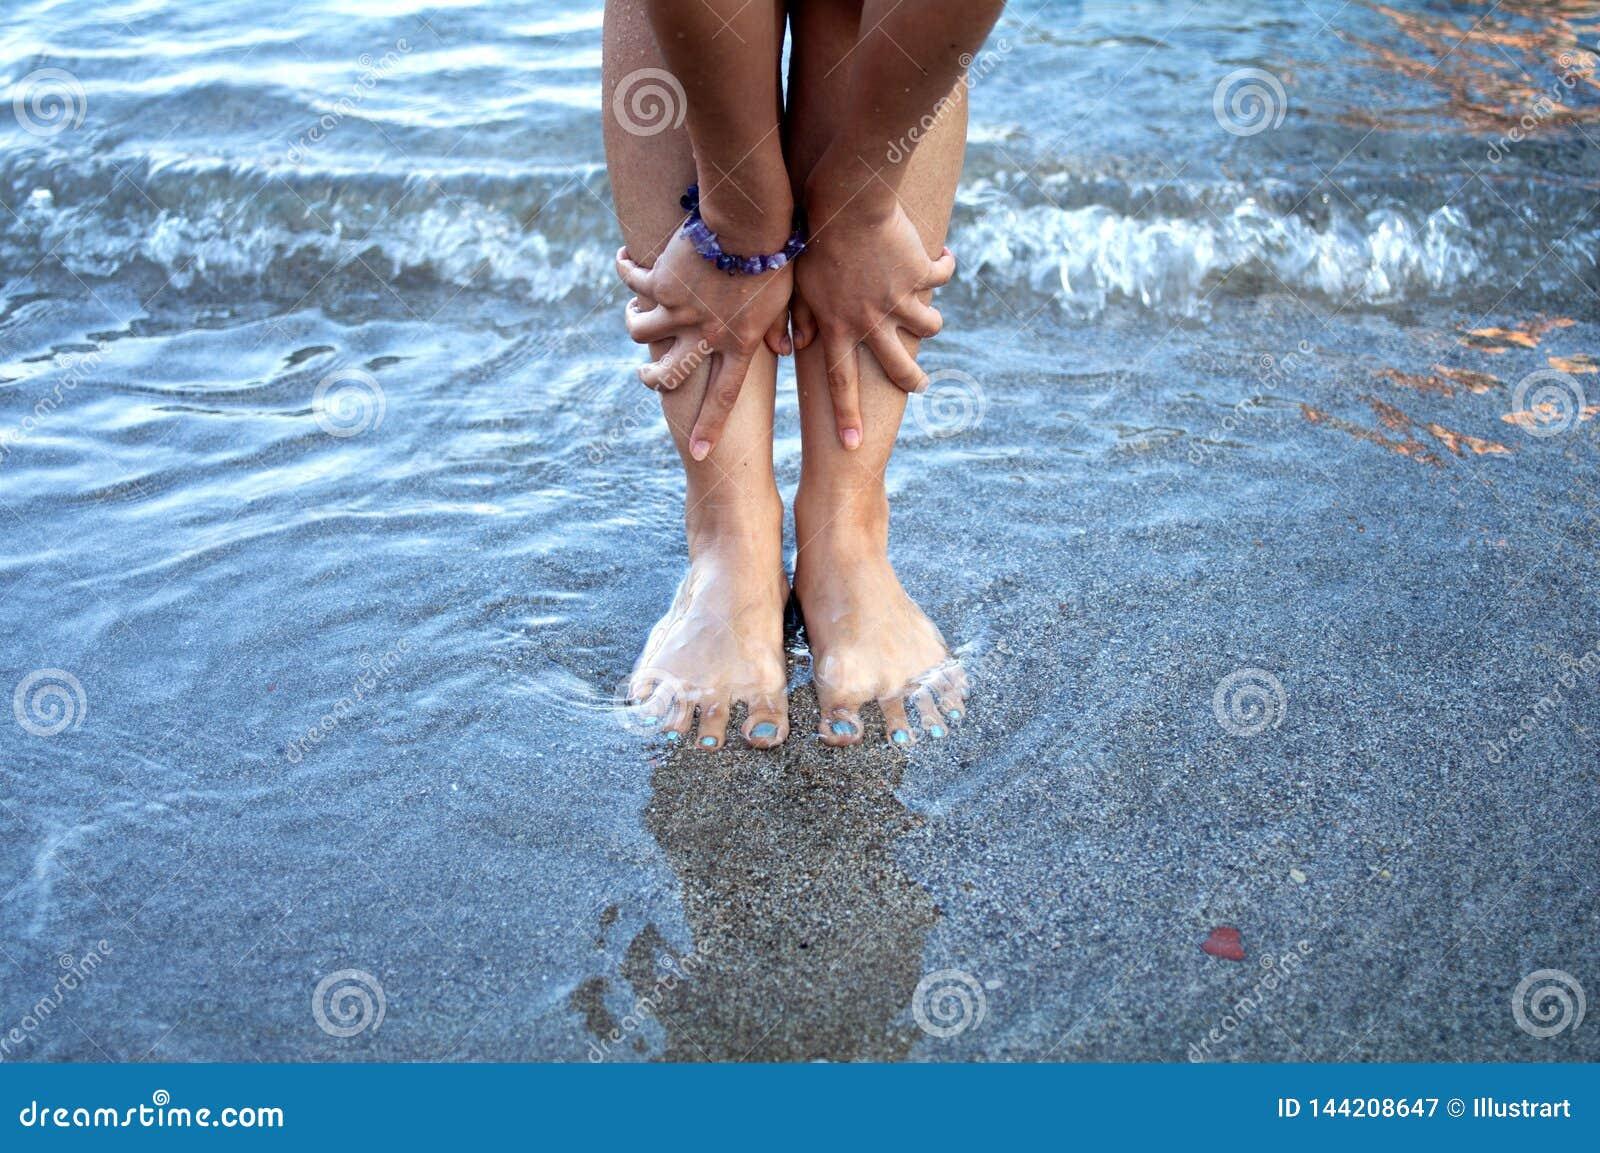 293 Pies Hermosos De La Mujer En La Playa Fotos Libres De Derechos Y Gratuitas De Dreamstime